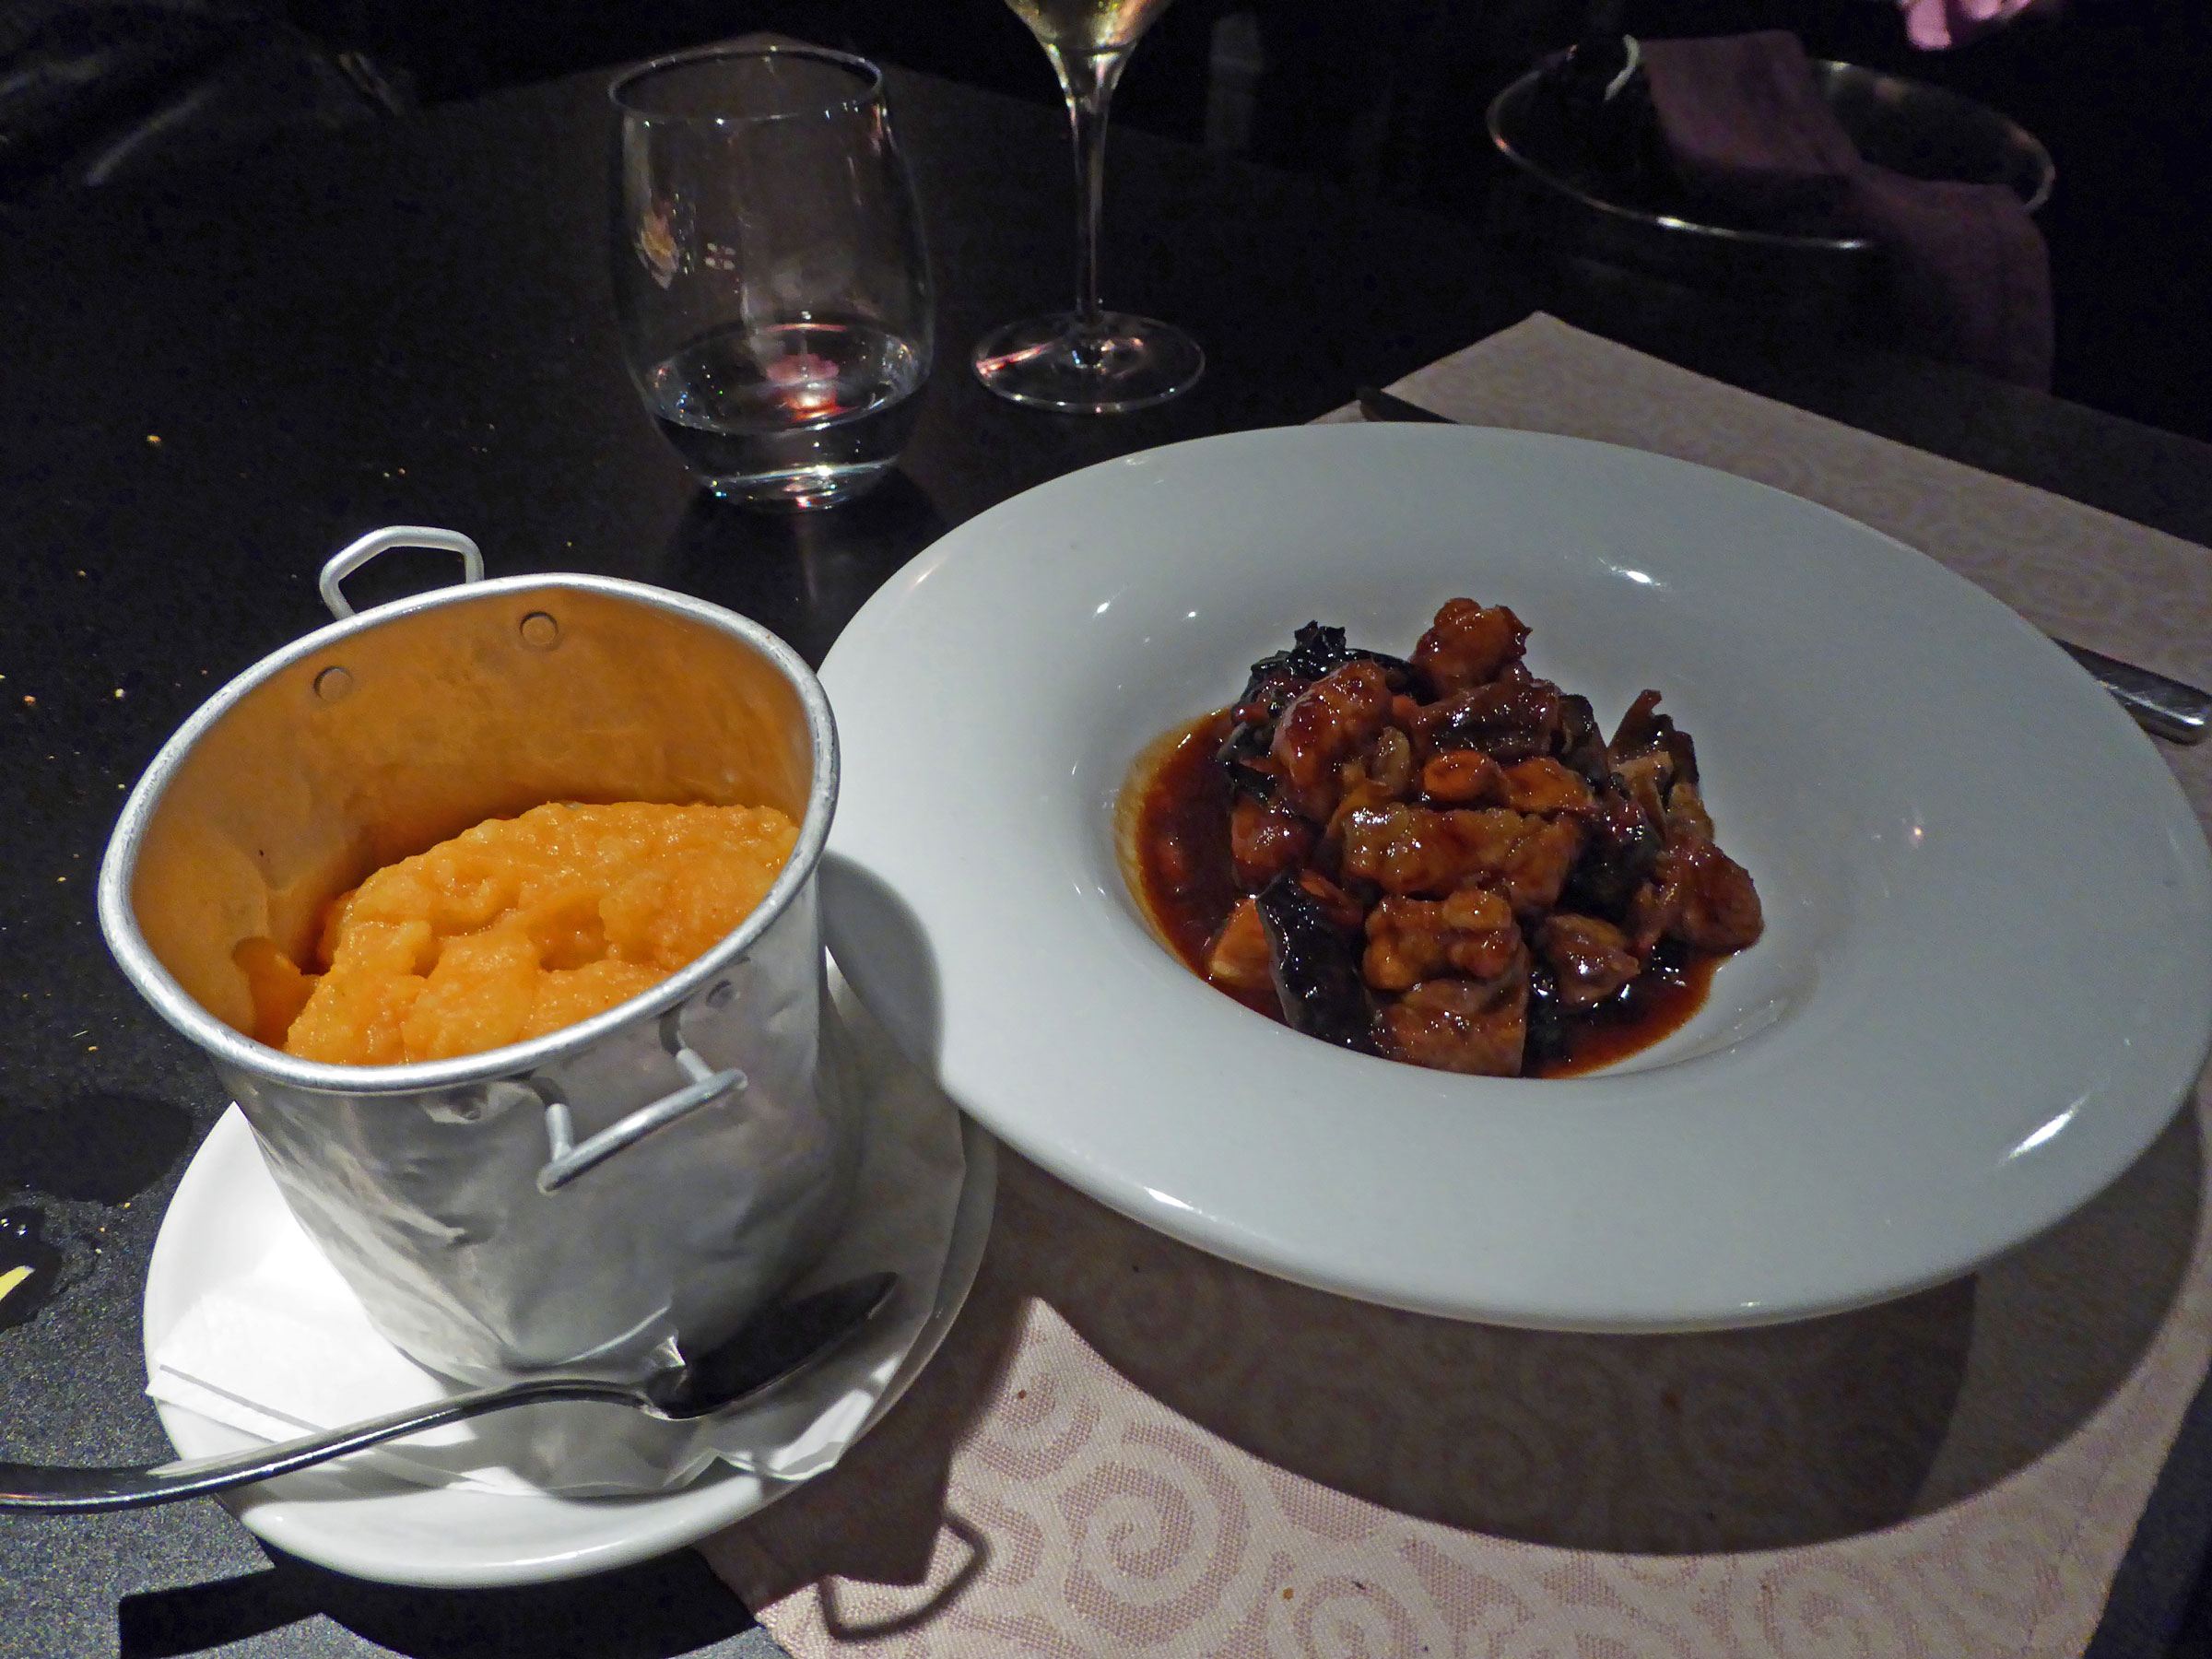 Restaurante Lakasa de César Martín  Revolconas Adolfo con mollejas de ternera,,sobre la base de un taco de panceta crujiente y setas (media ración)